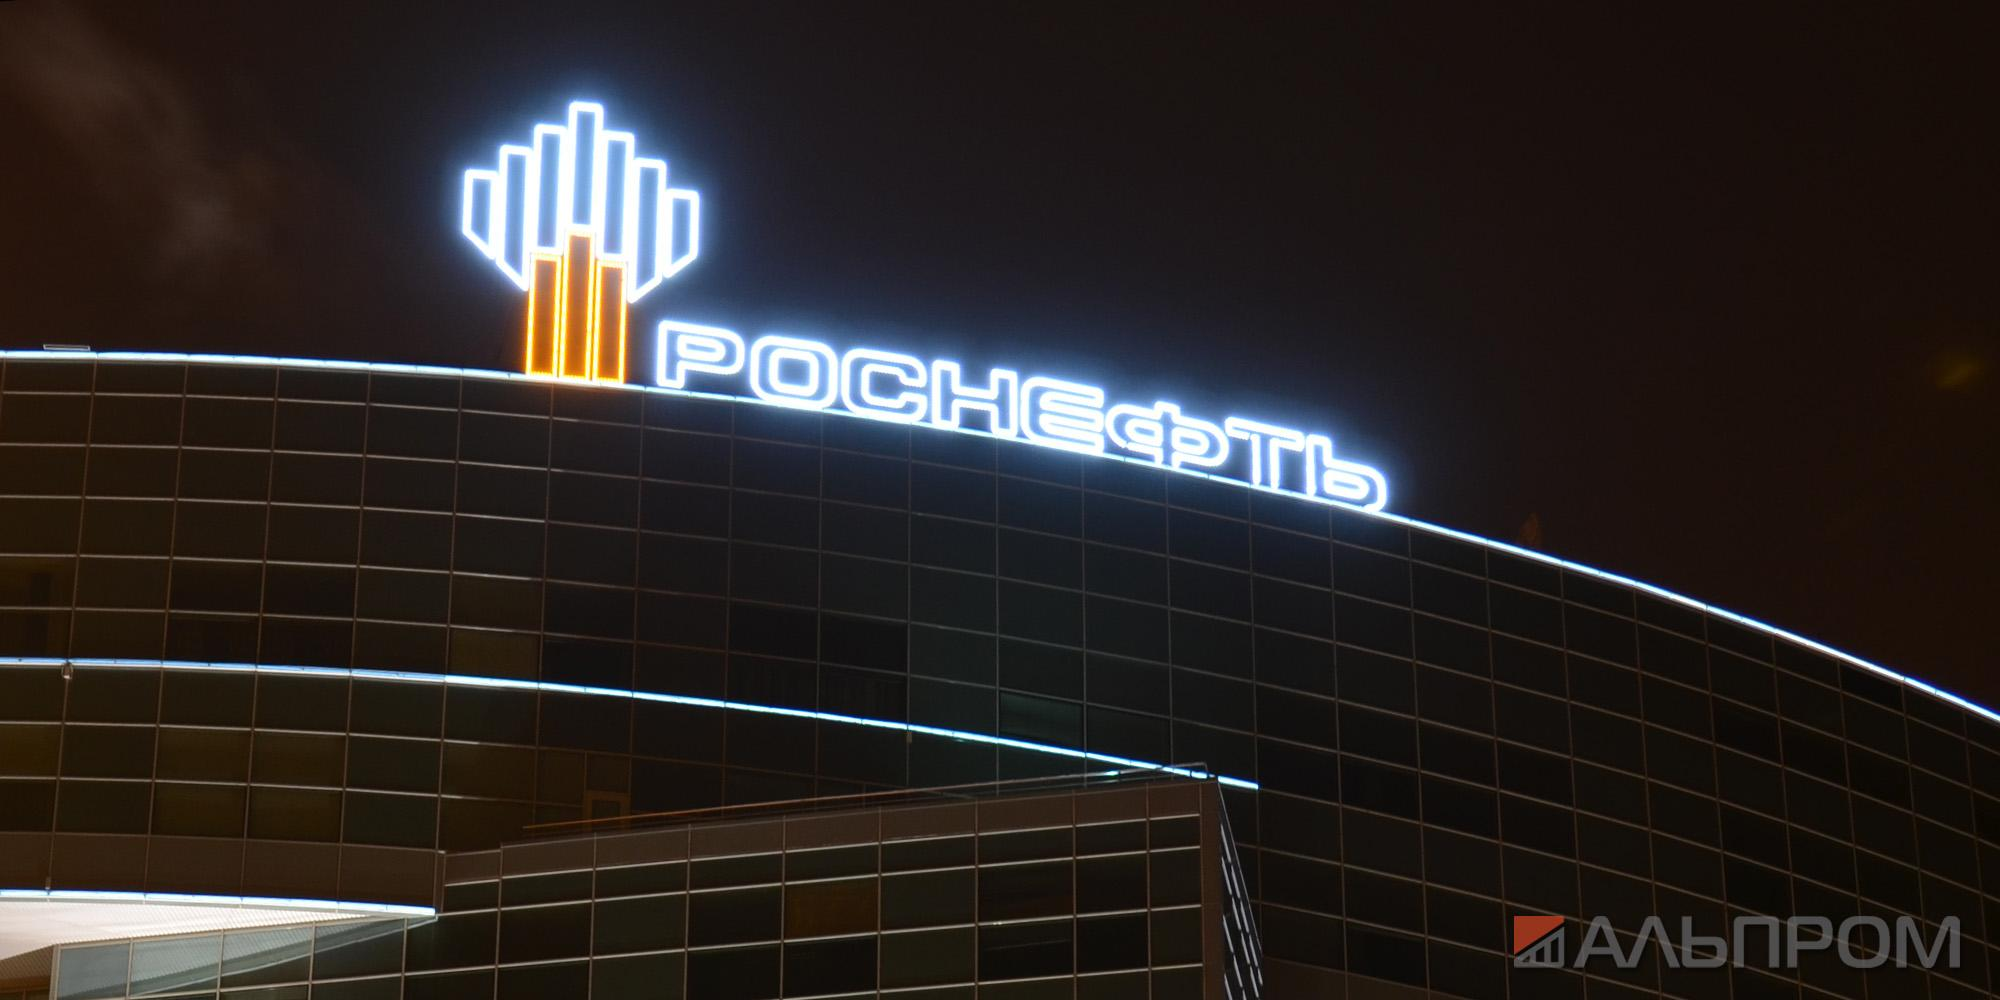 Крышная рекламная конструкция Роснефть в Самаре